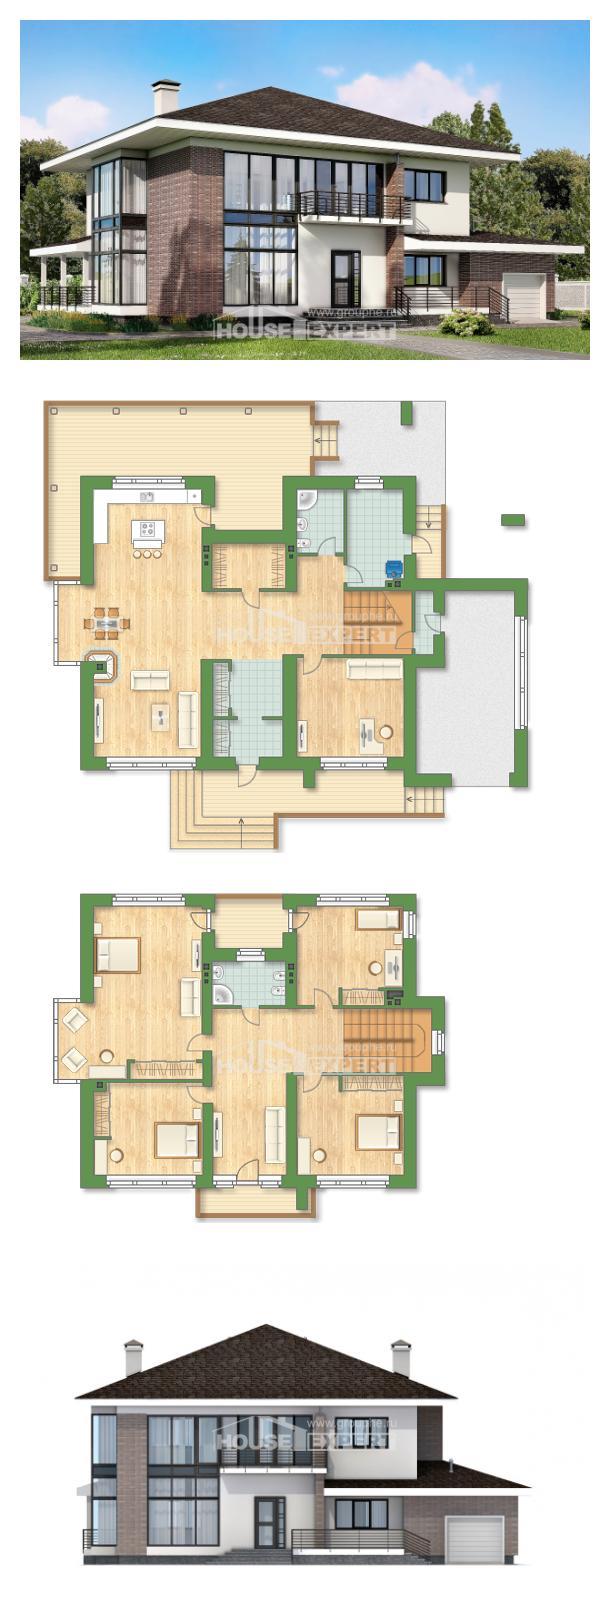 Plan 275-002-R | House Expert